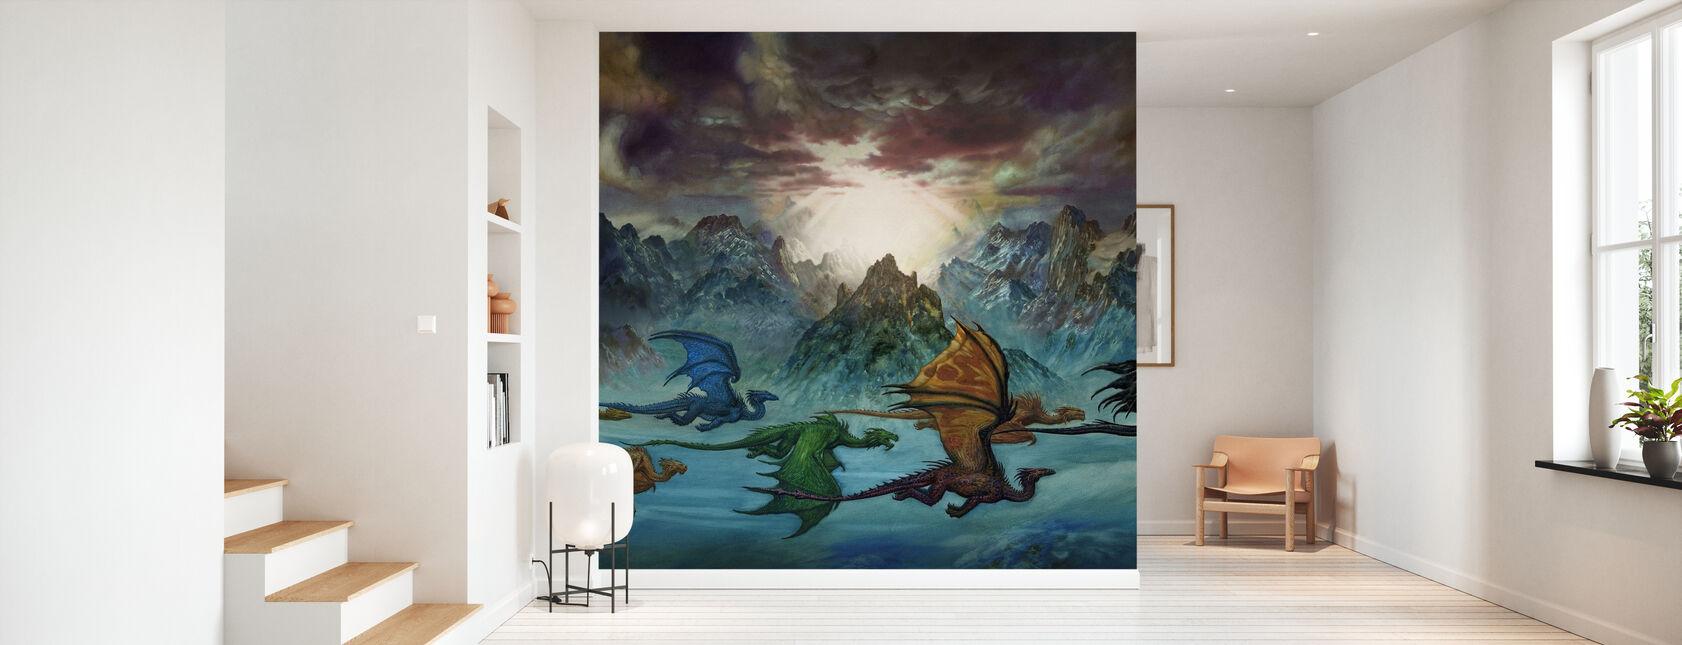 Mount - Wallpaper - Hallway